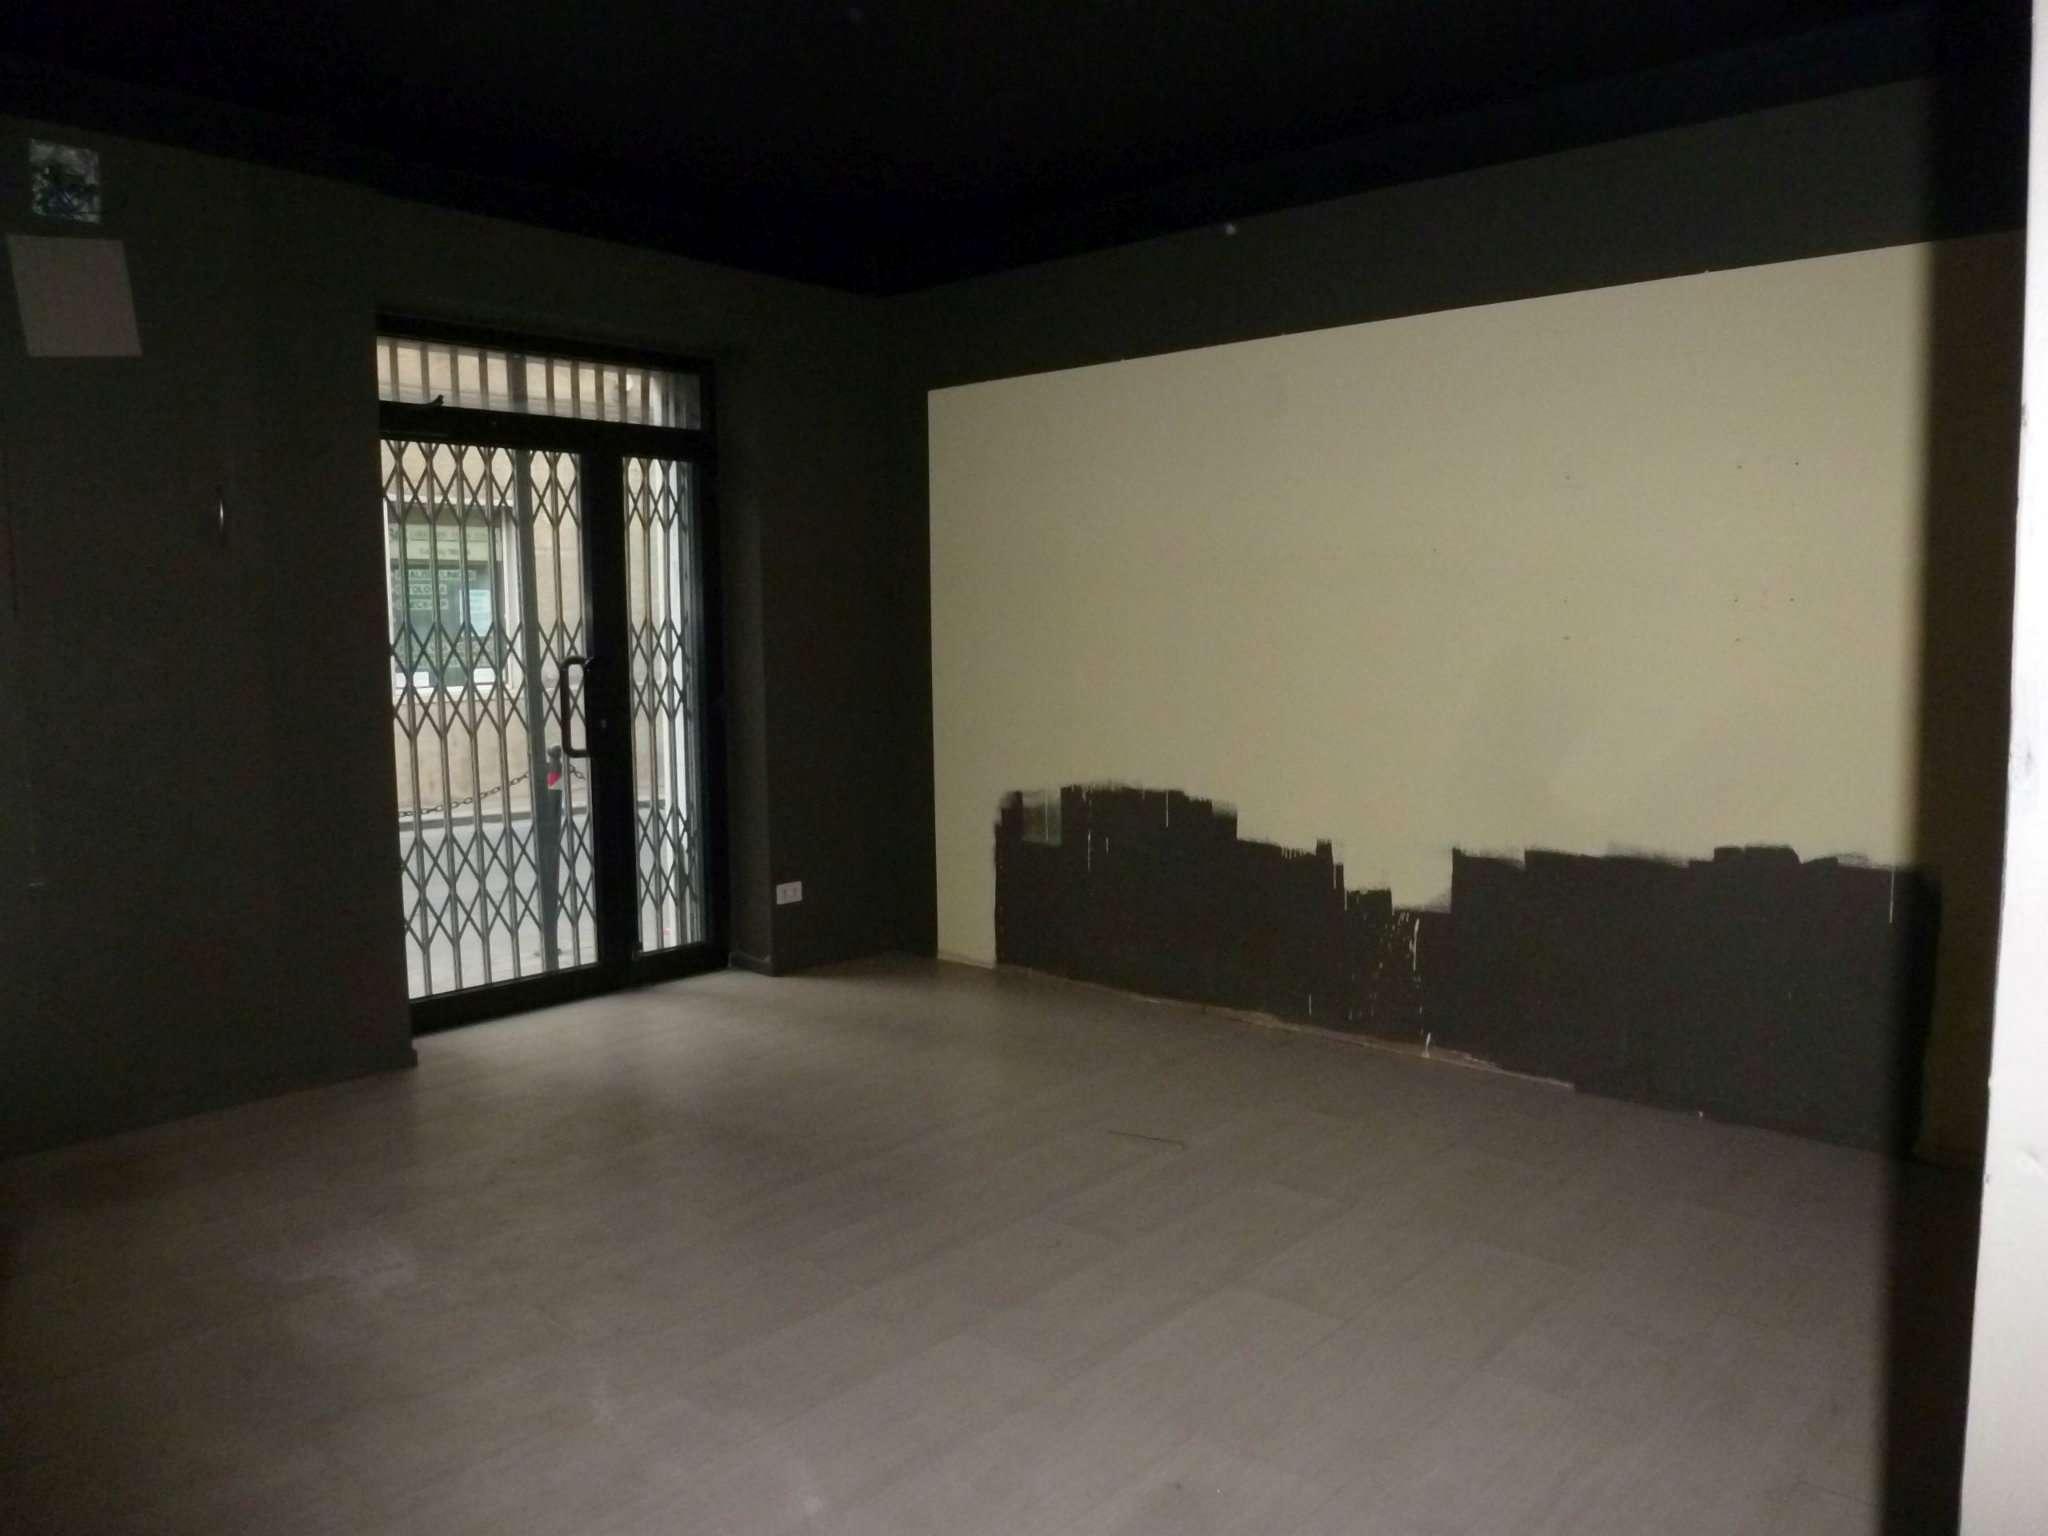 Negozio / Locale in vendita a Campomorone, 1 locali, prezzo € 80.000 | Cambio Casa.it